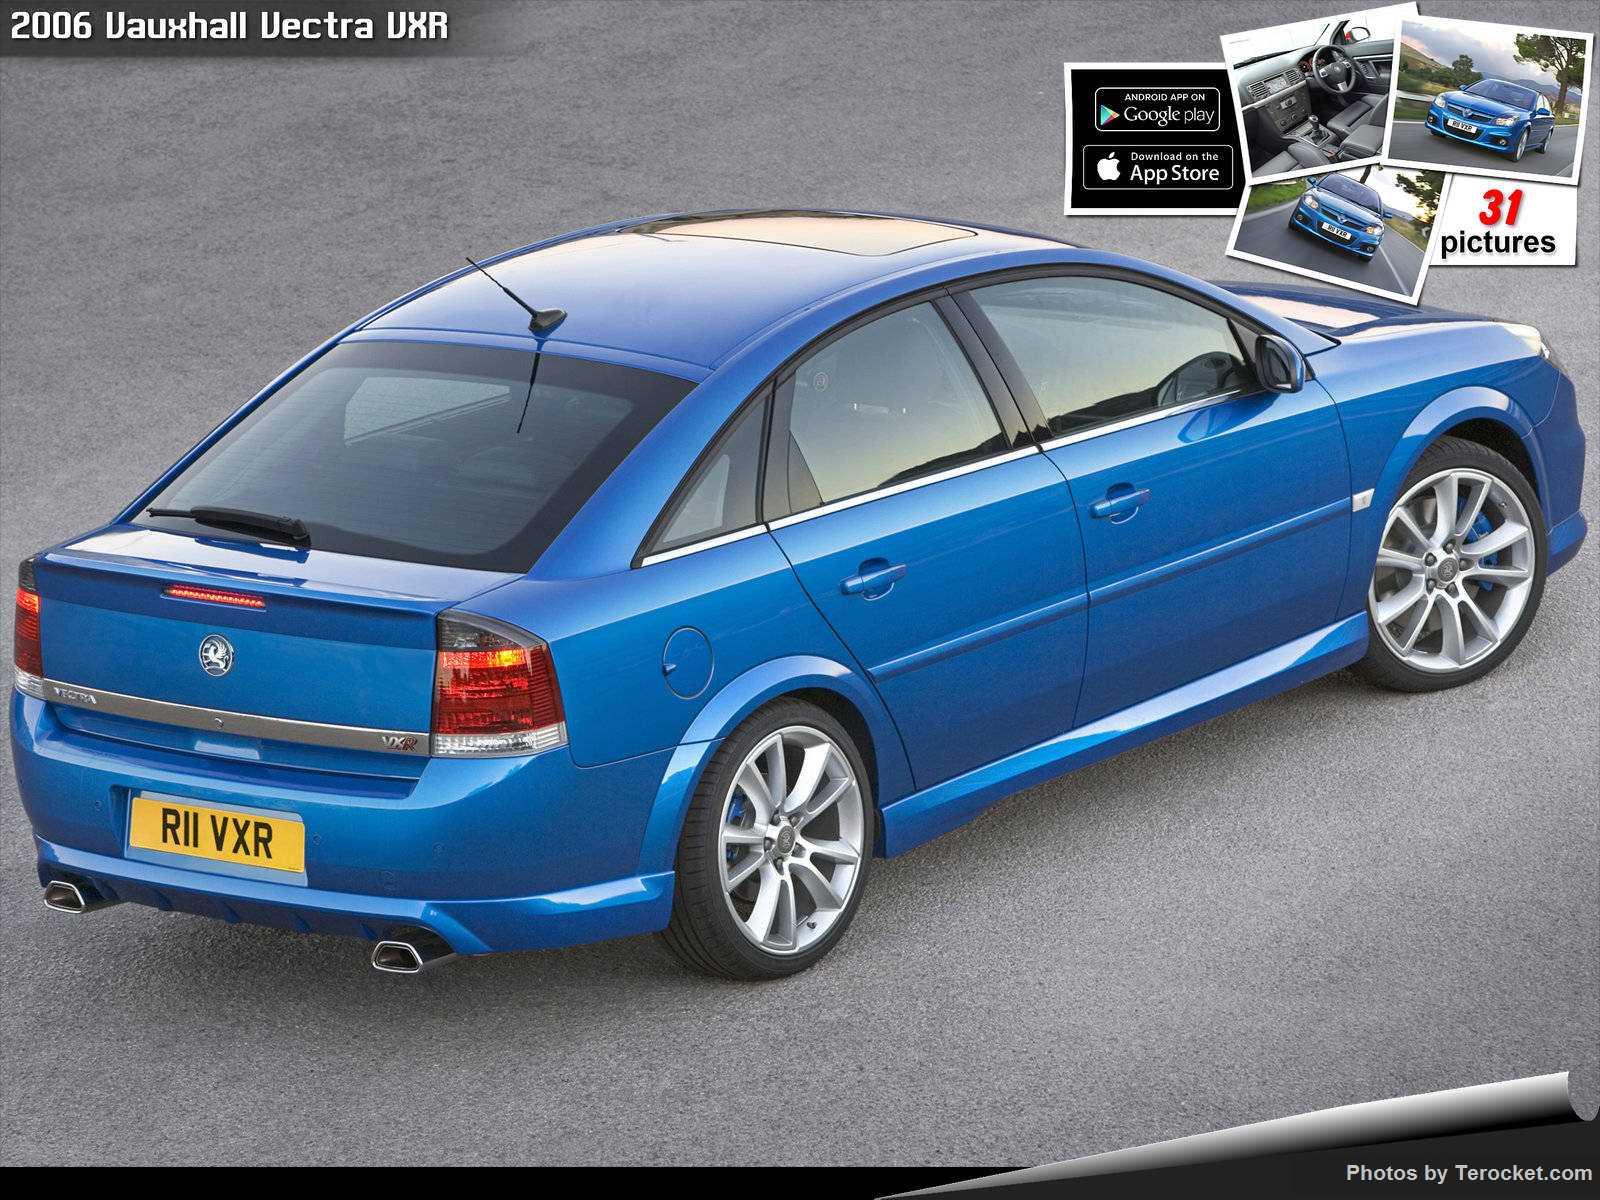 Hình ảnh xe ô tô Vauxhall Vectra VXR 2006 & nội ngoại thất